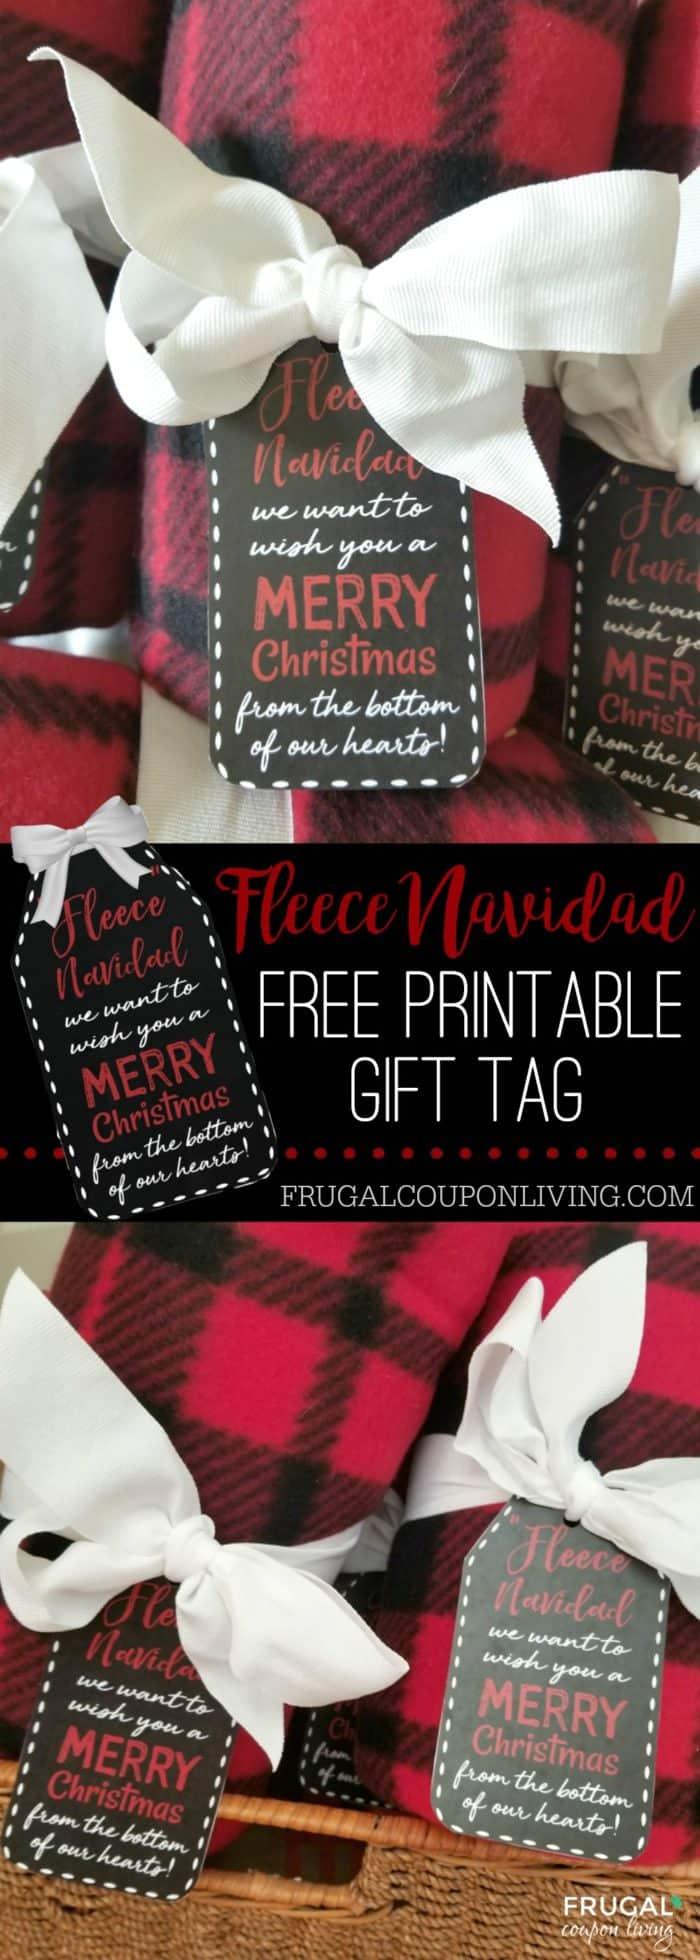 Free Printable Fleece Navidad Gift Tag